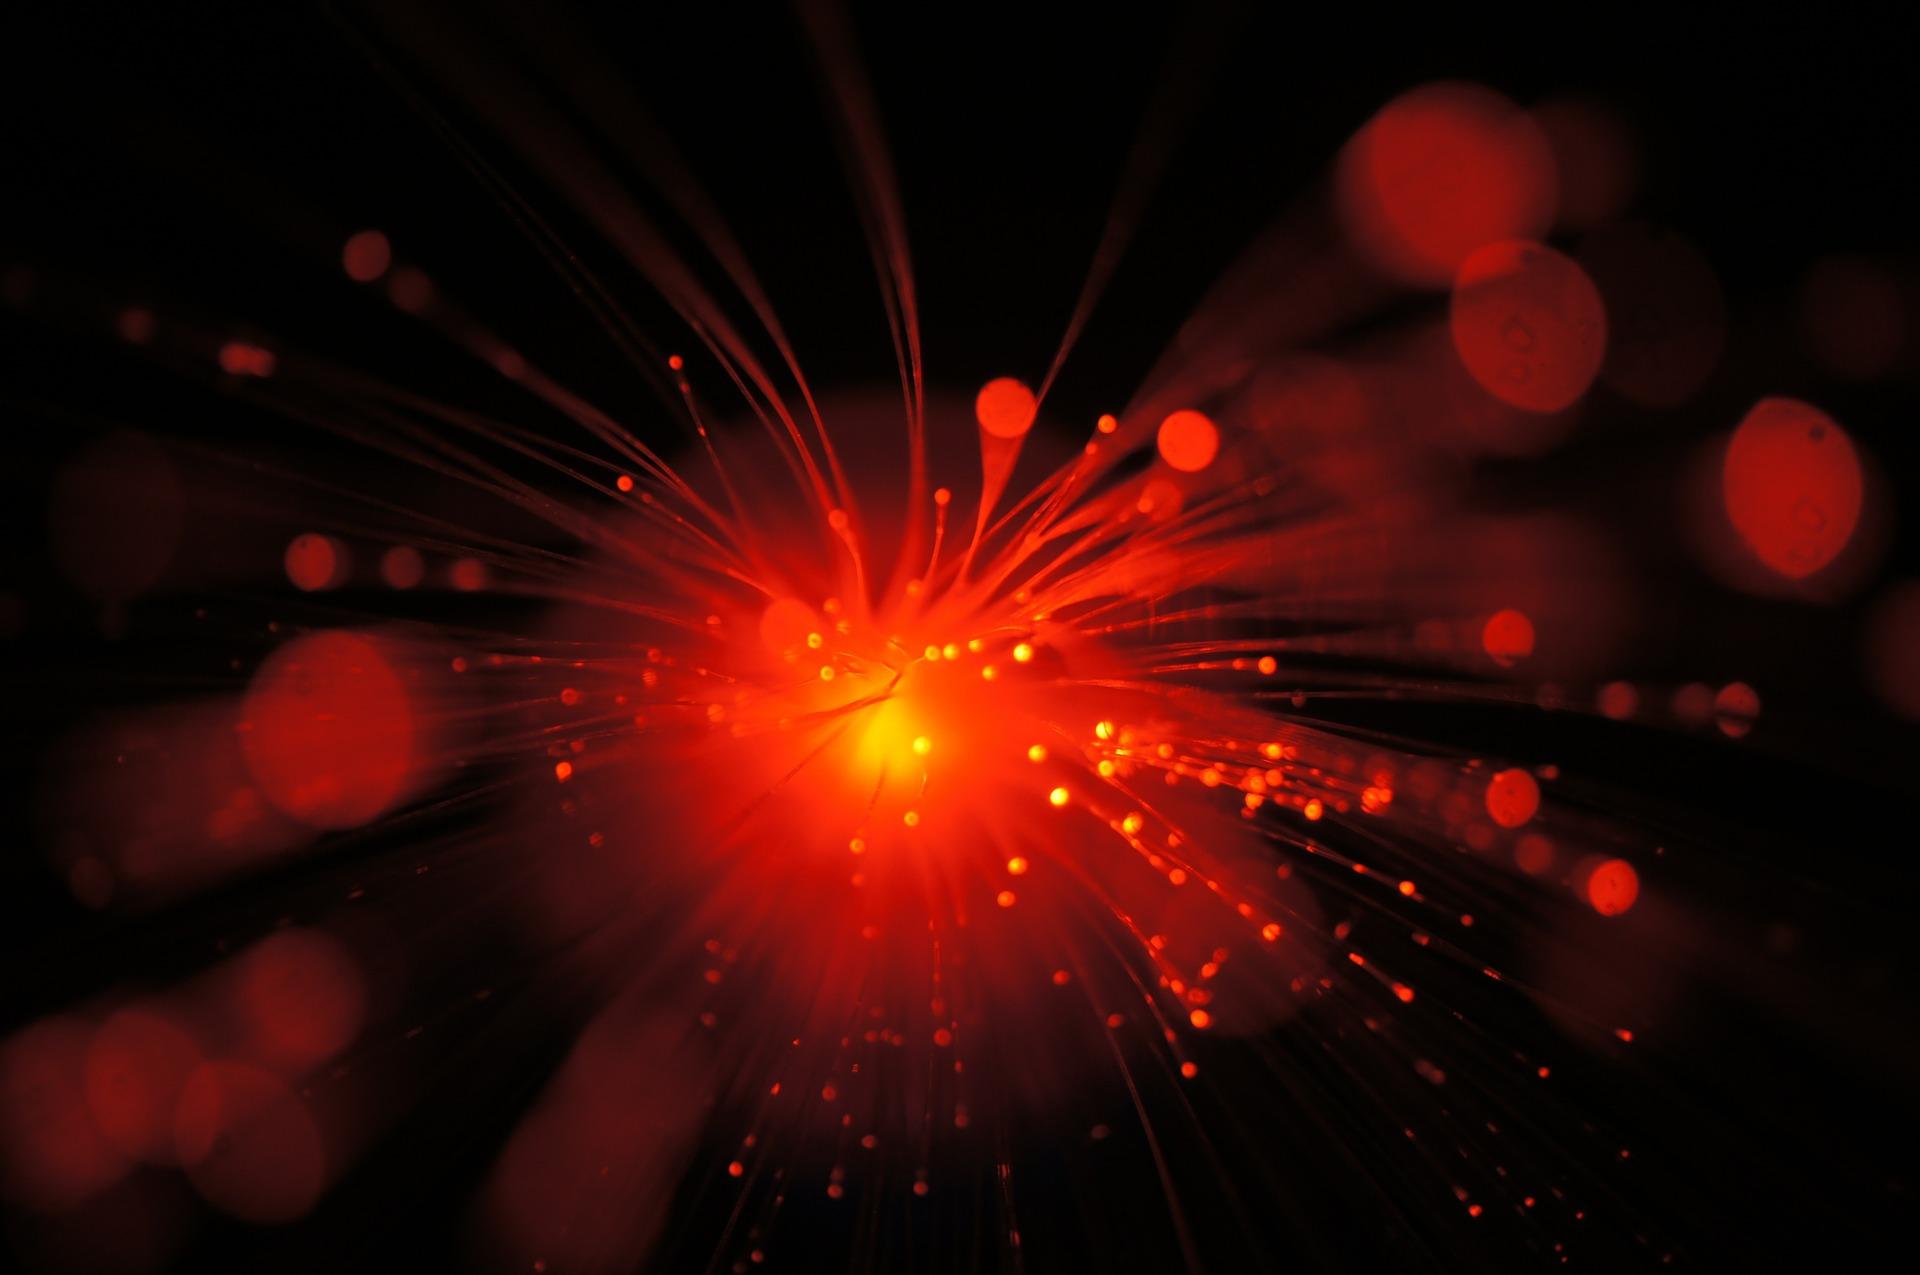 movistar frenará despliegue nueva regulación de fibra óptica